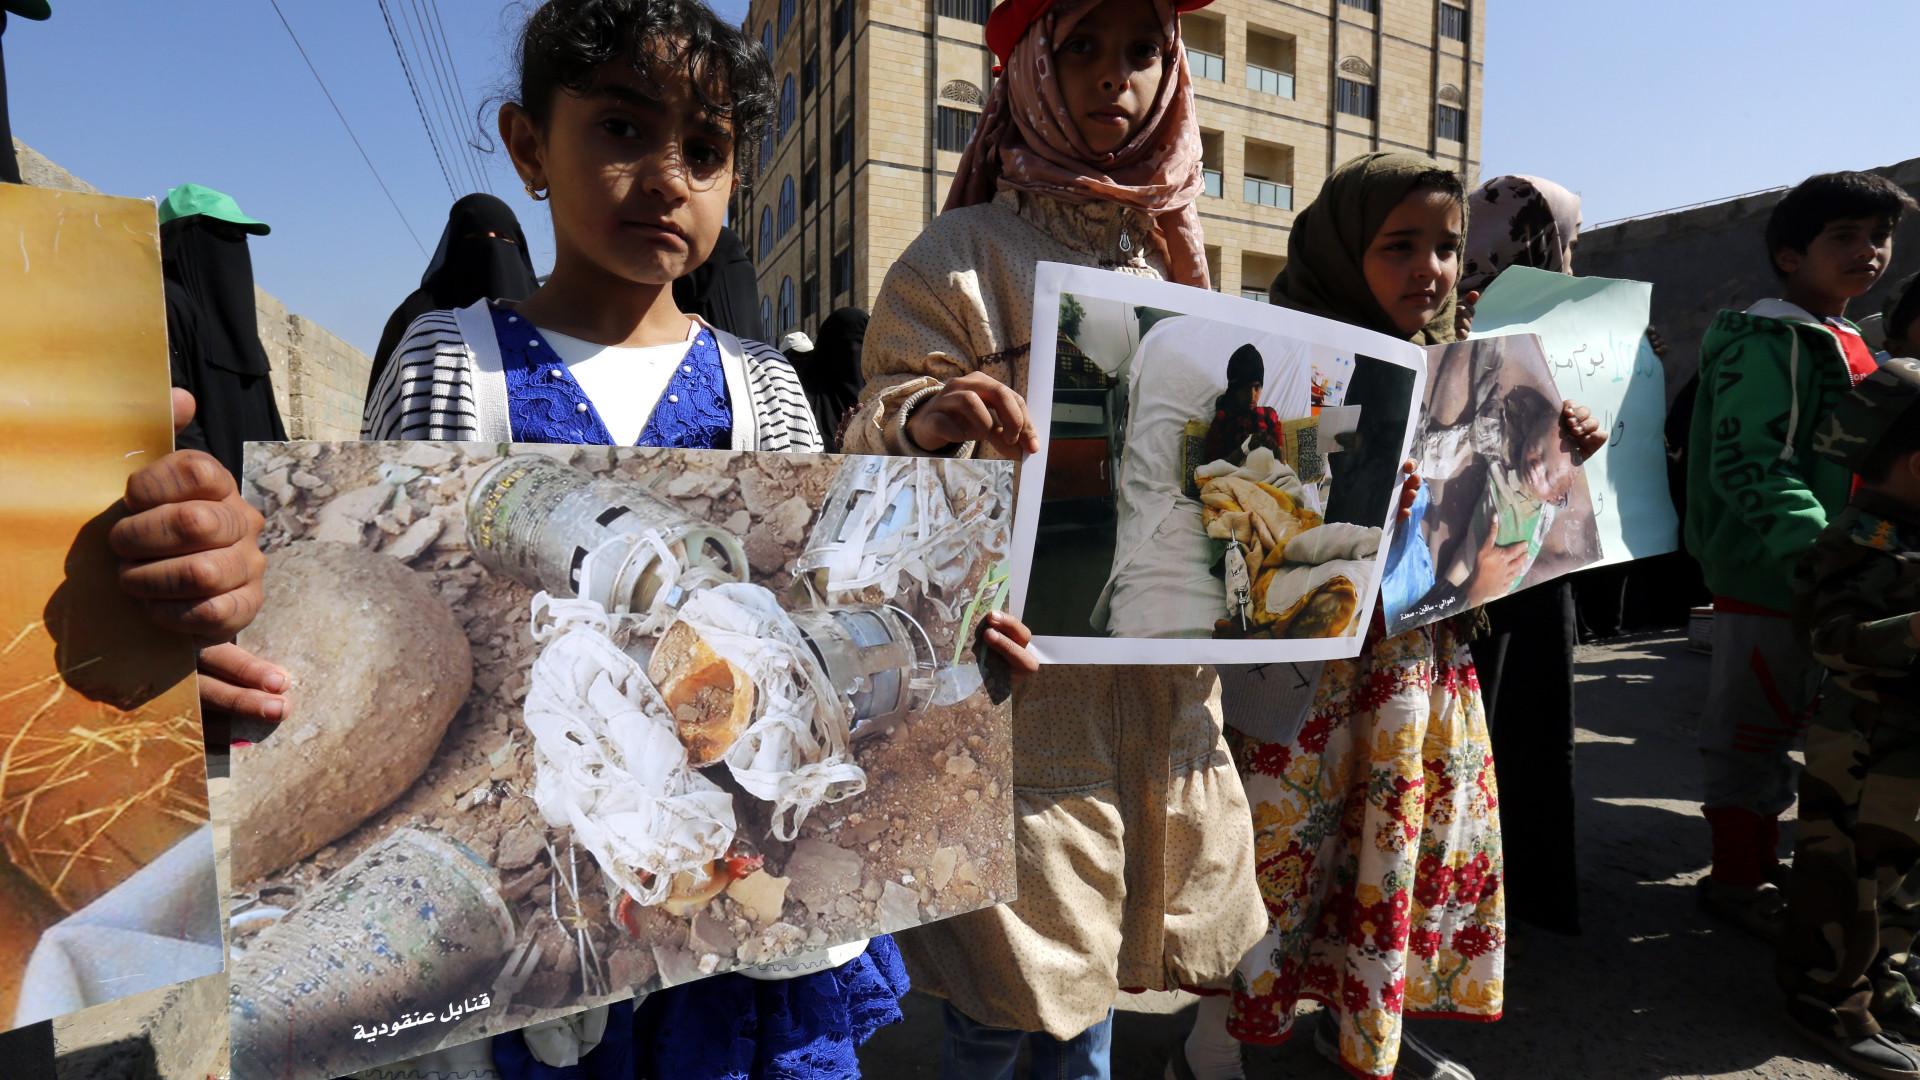 Mais de 5.000 crianças morreram no Iémen desde março de 2015